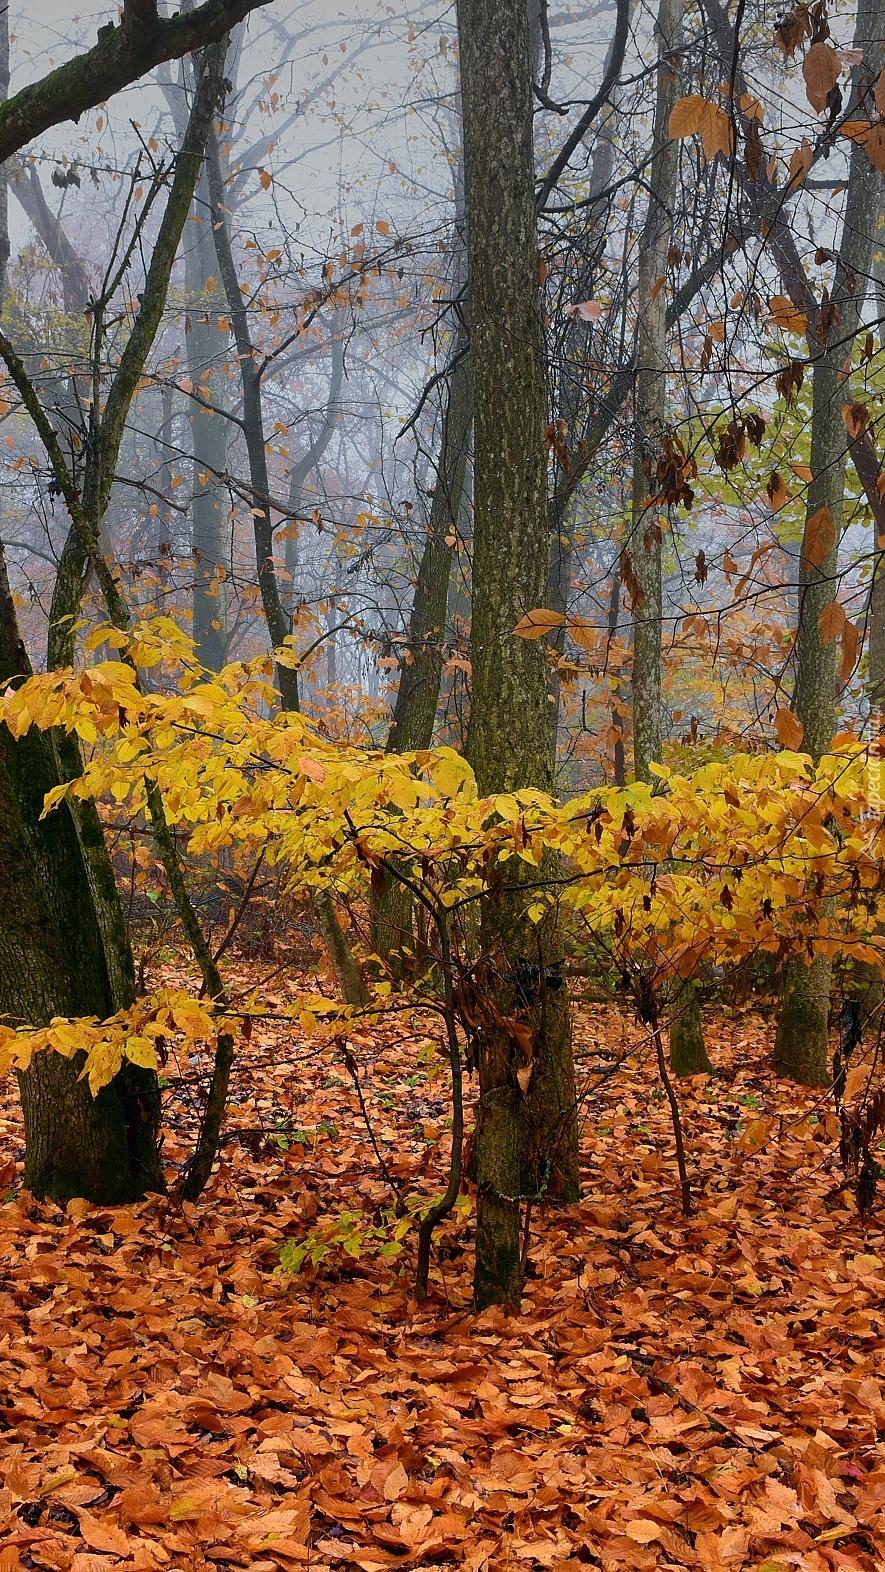 Pożółkłe liście wokół drzew